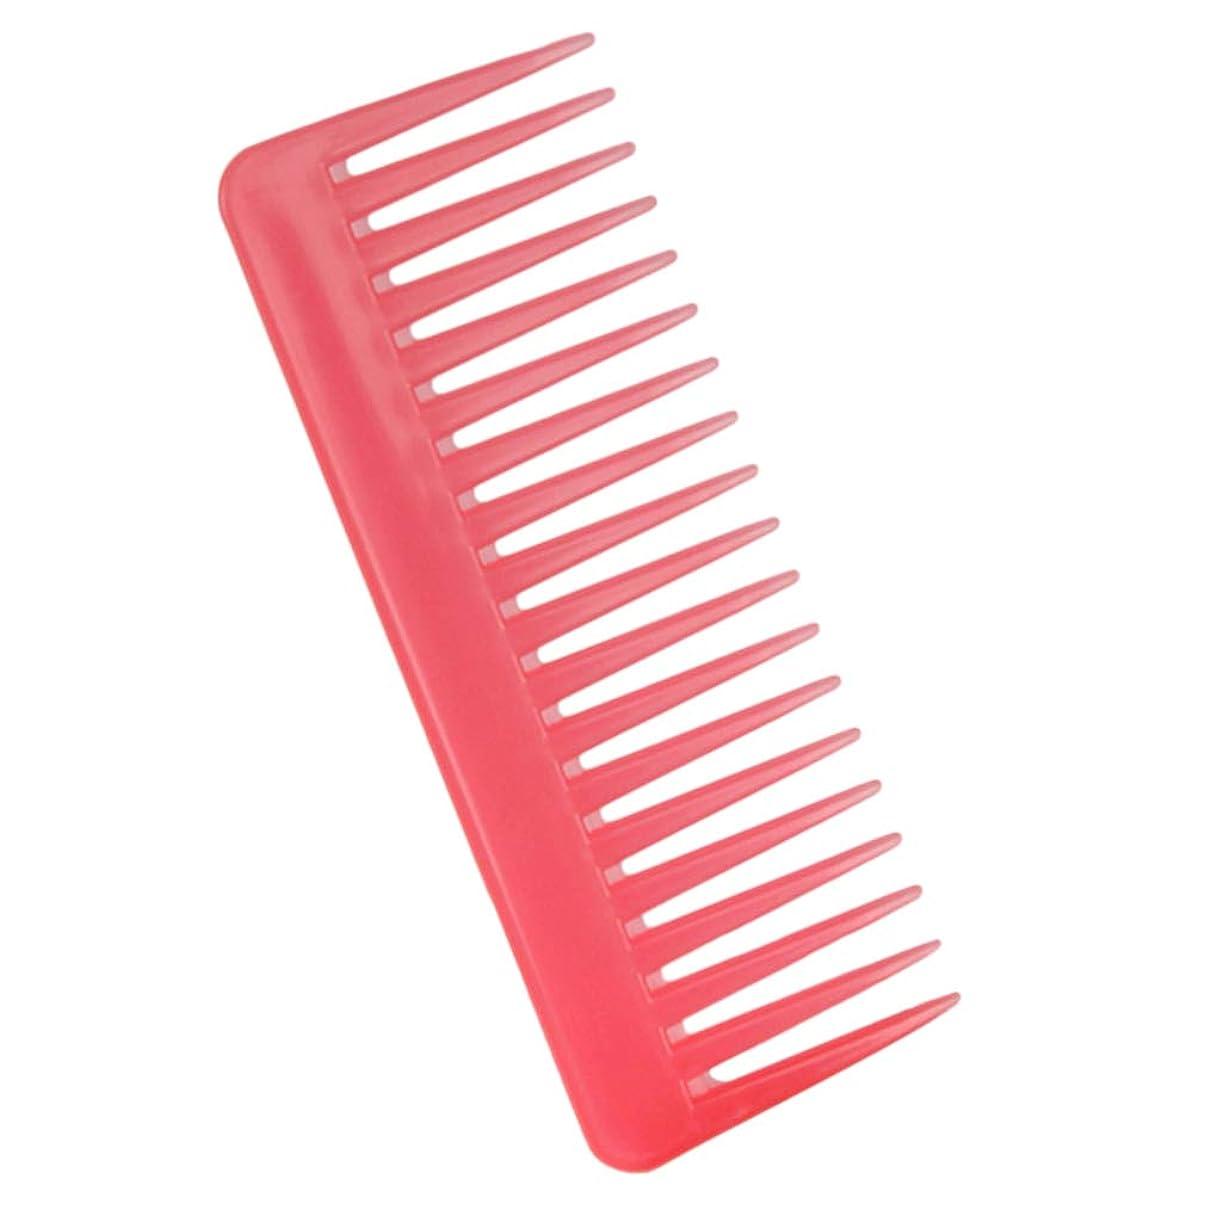 騒乱権利を与えるファッションP Prettyia 帯電防止櫛 ヘアケア ヘアブラシ サロン用 自宅用 ヘアコーム 3色選べ - ピンク